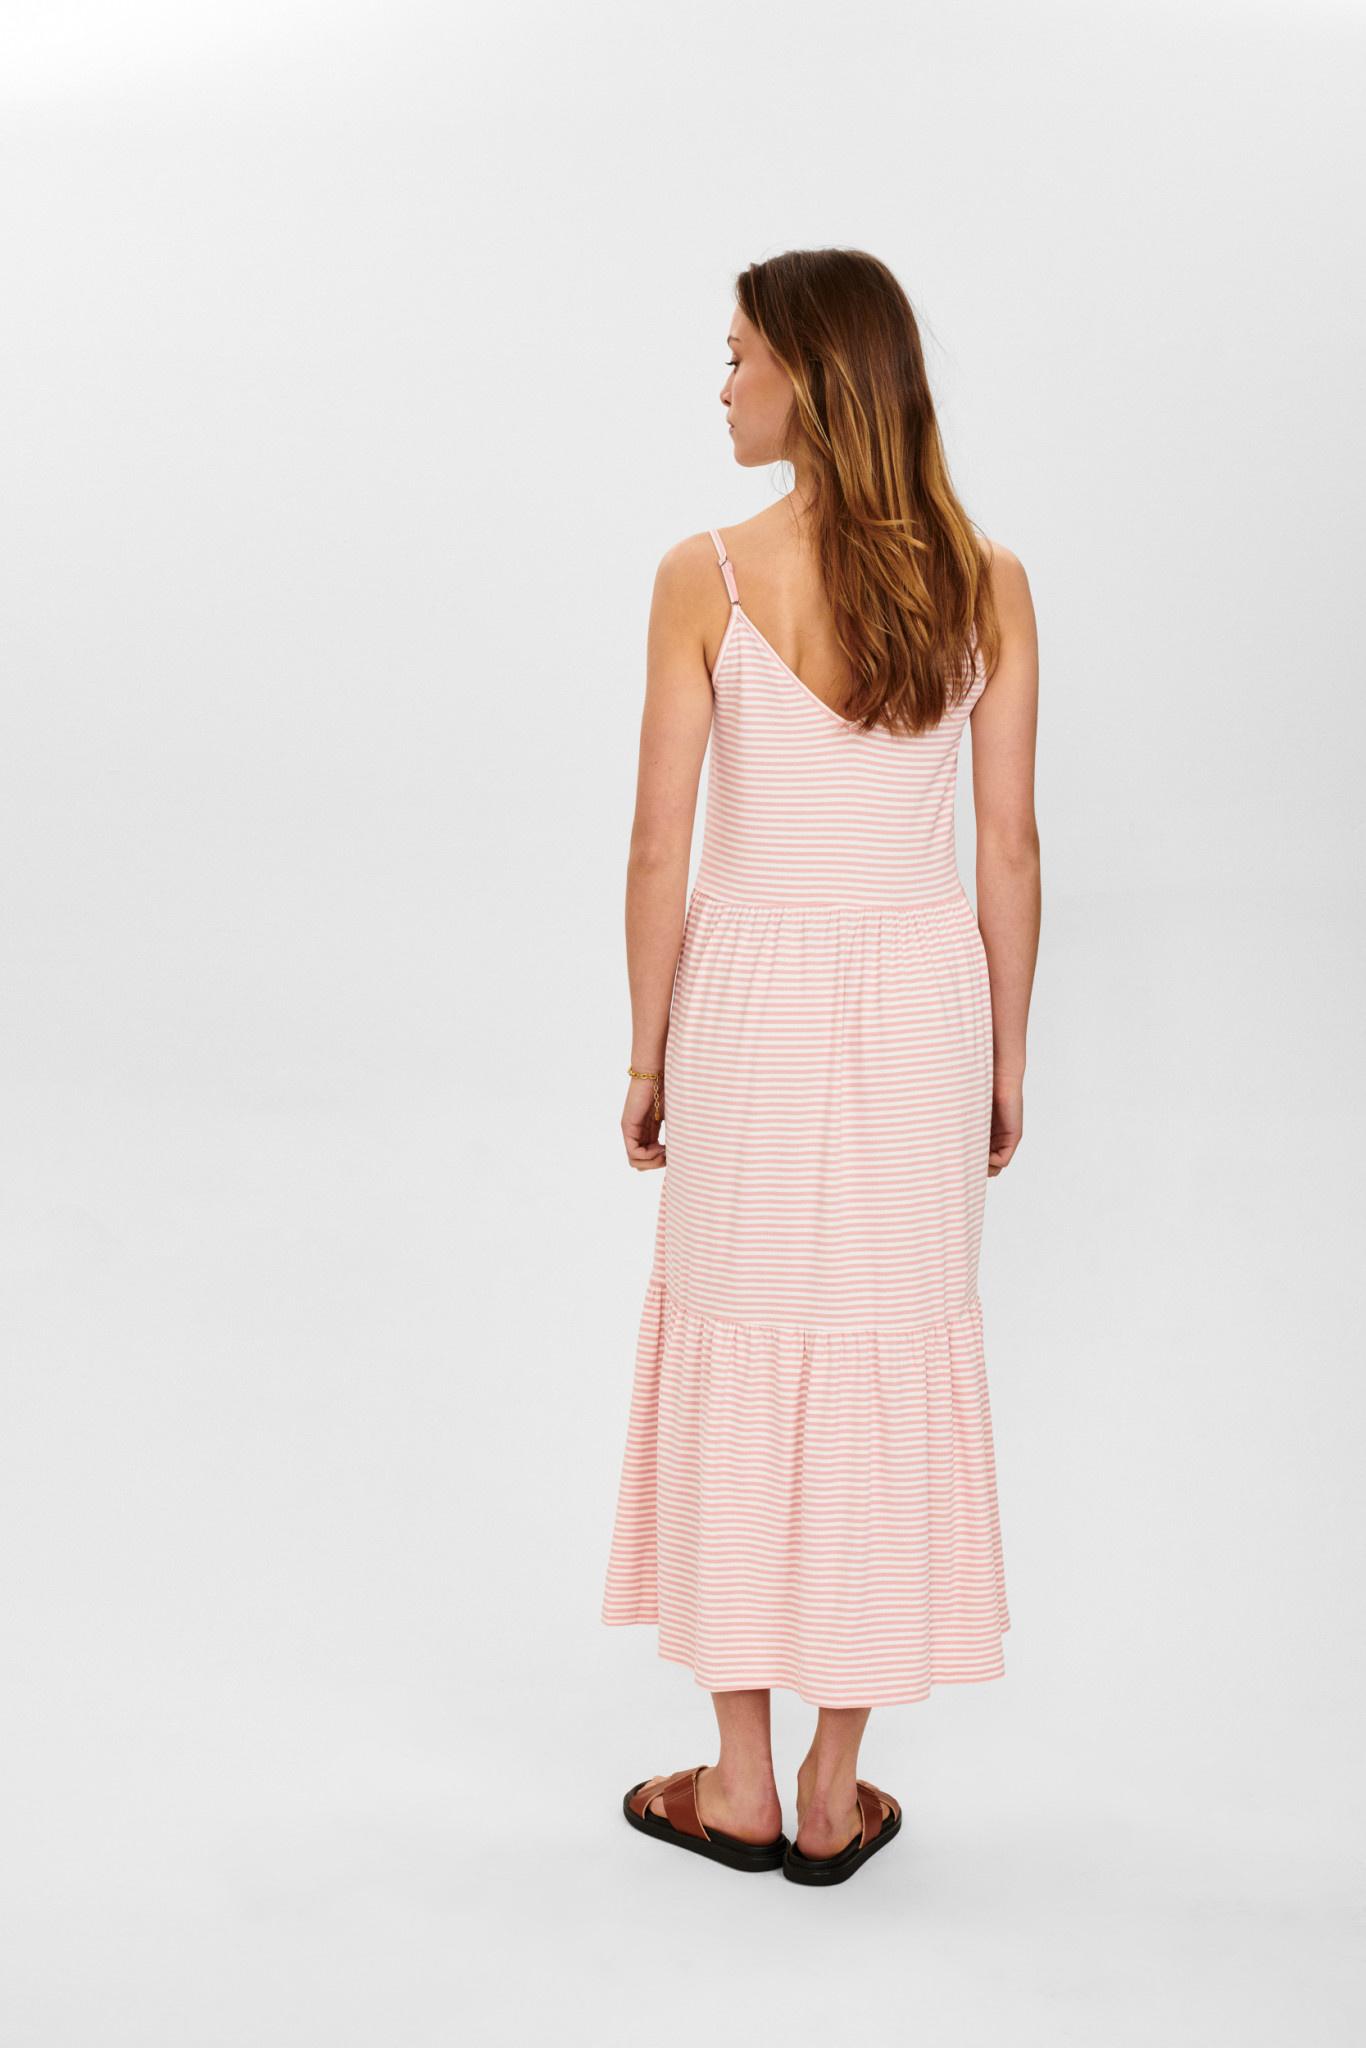 Nümph Charty Dress - Rose/wit